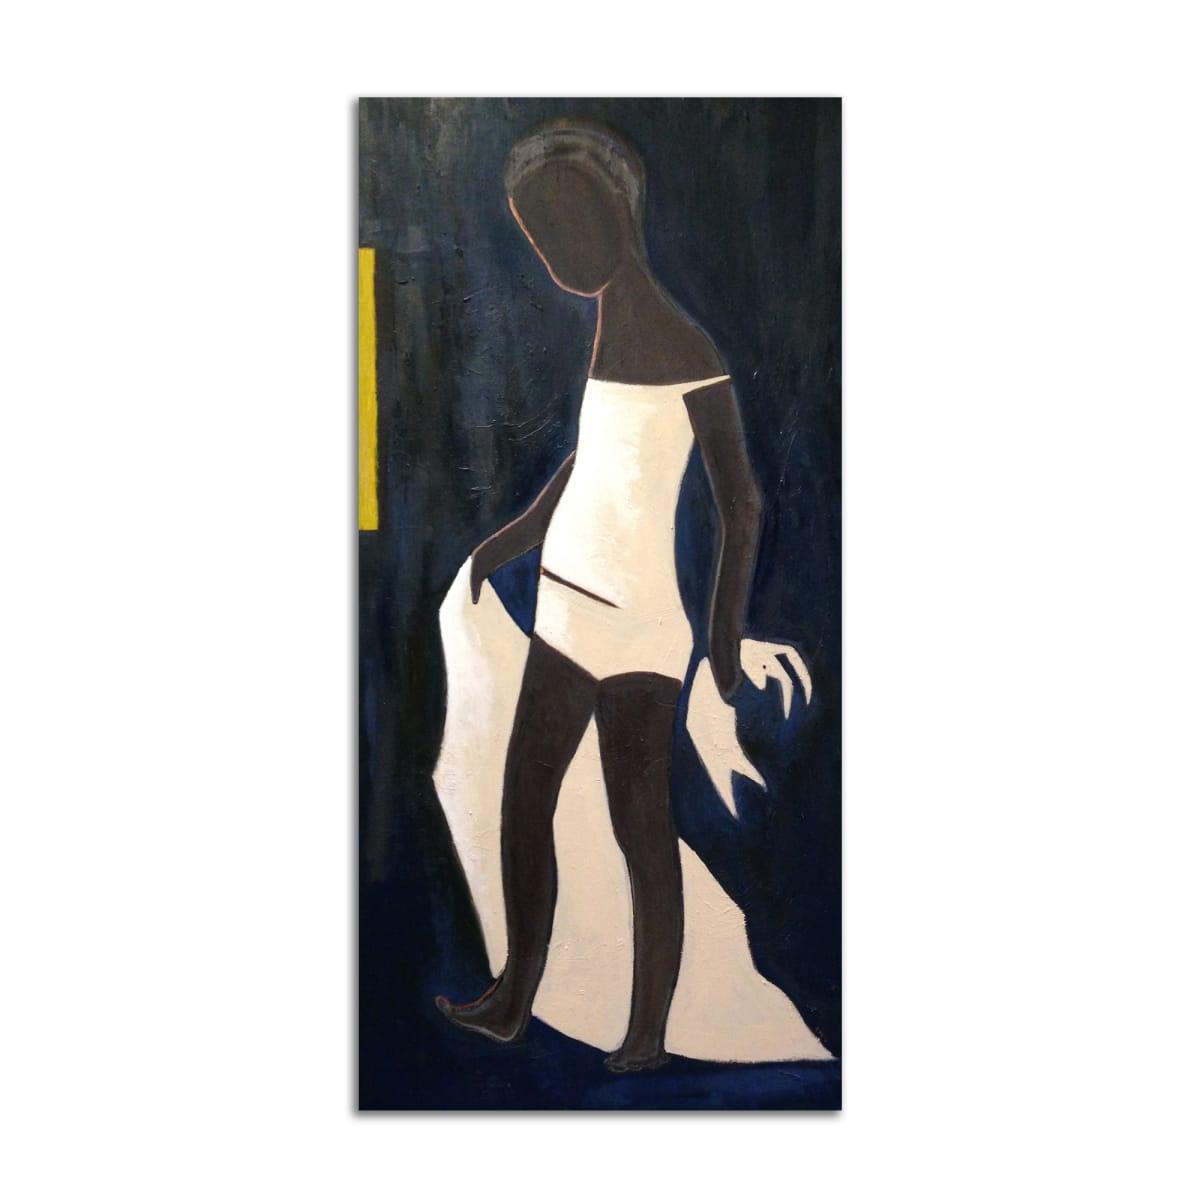 Sleepwalk by Rosie Winstead